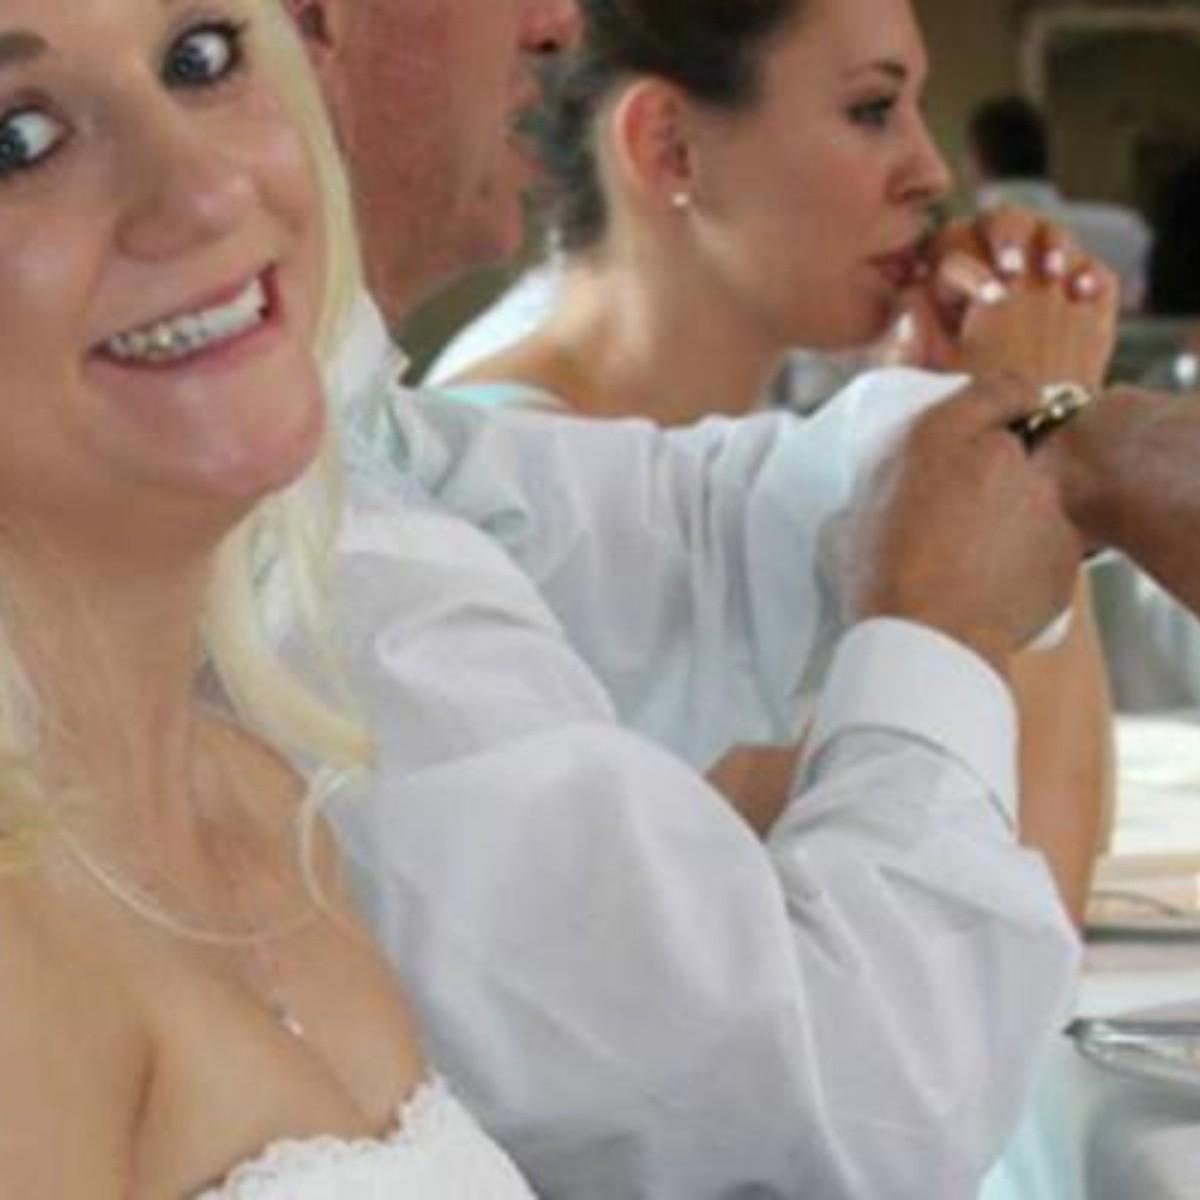 6b51a616c La descripción de este vestido de boda provoca furor